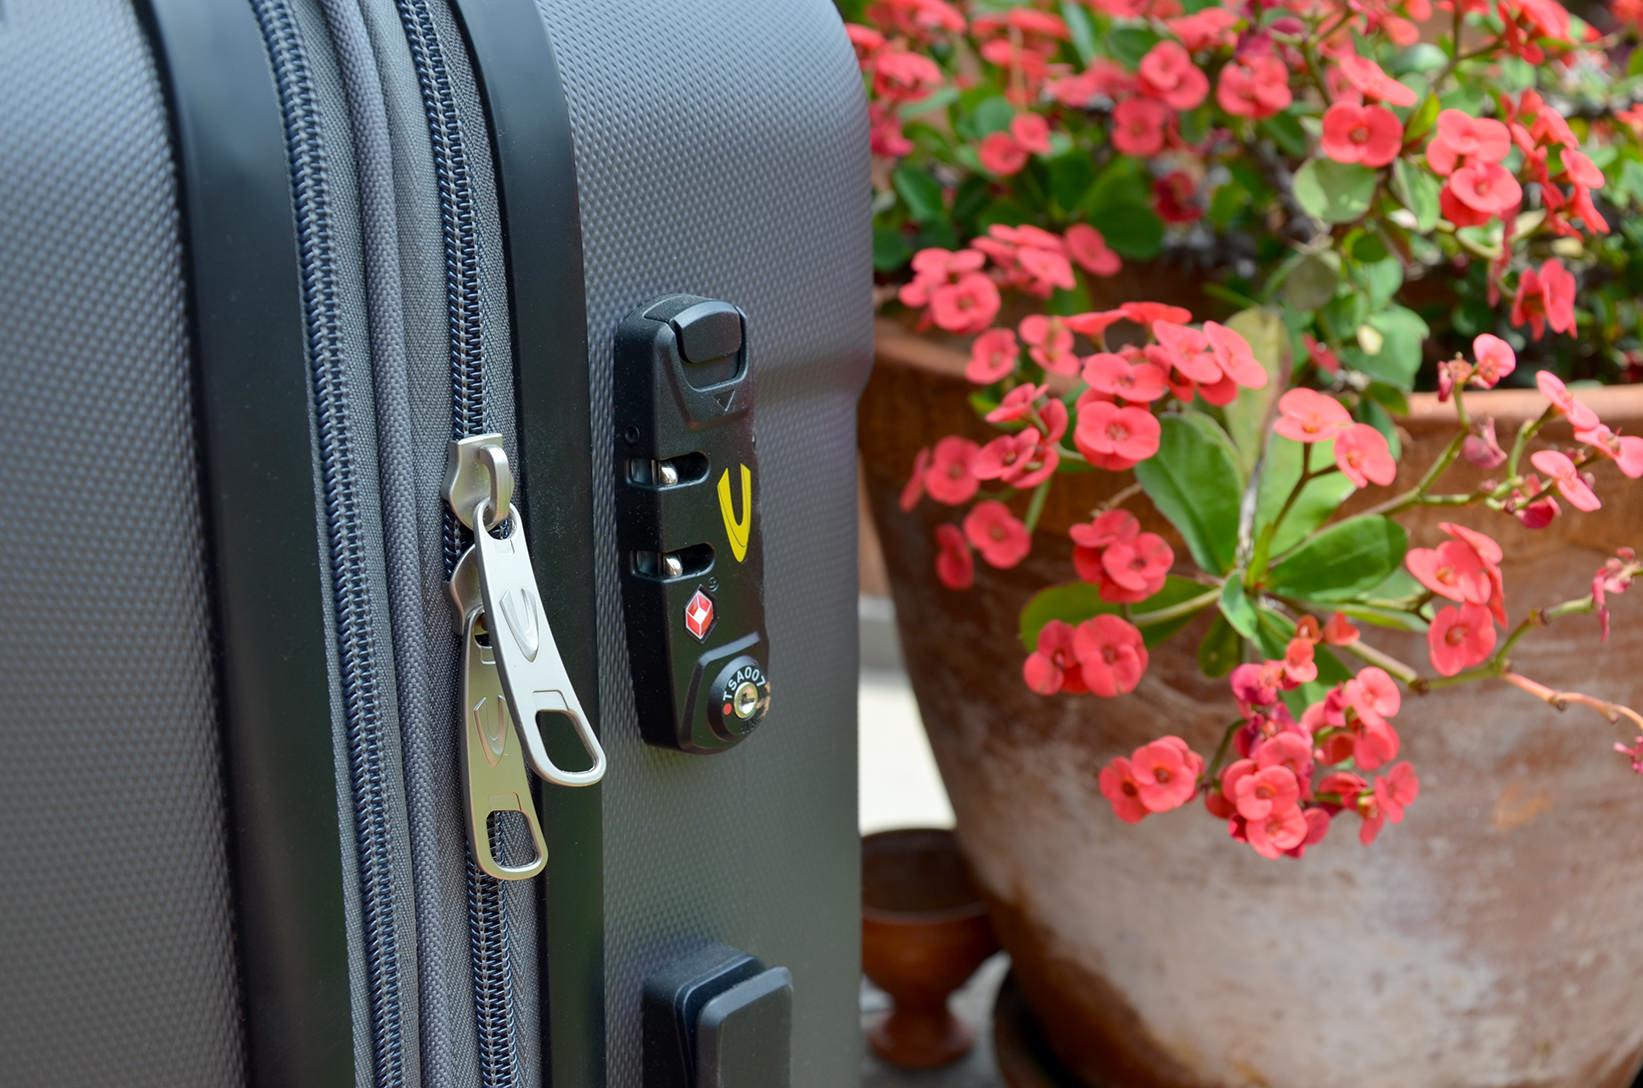 Покупка чемодана. Какой выбрать? отдых,отпуск,поездка,путешествие,туризм